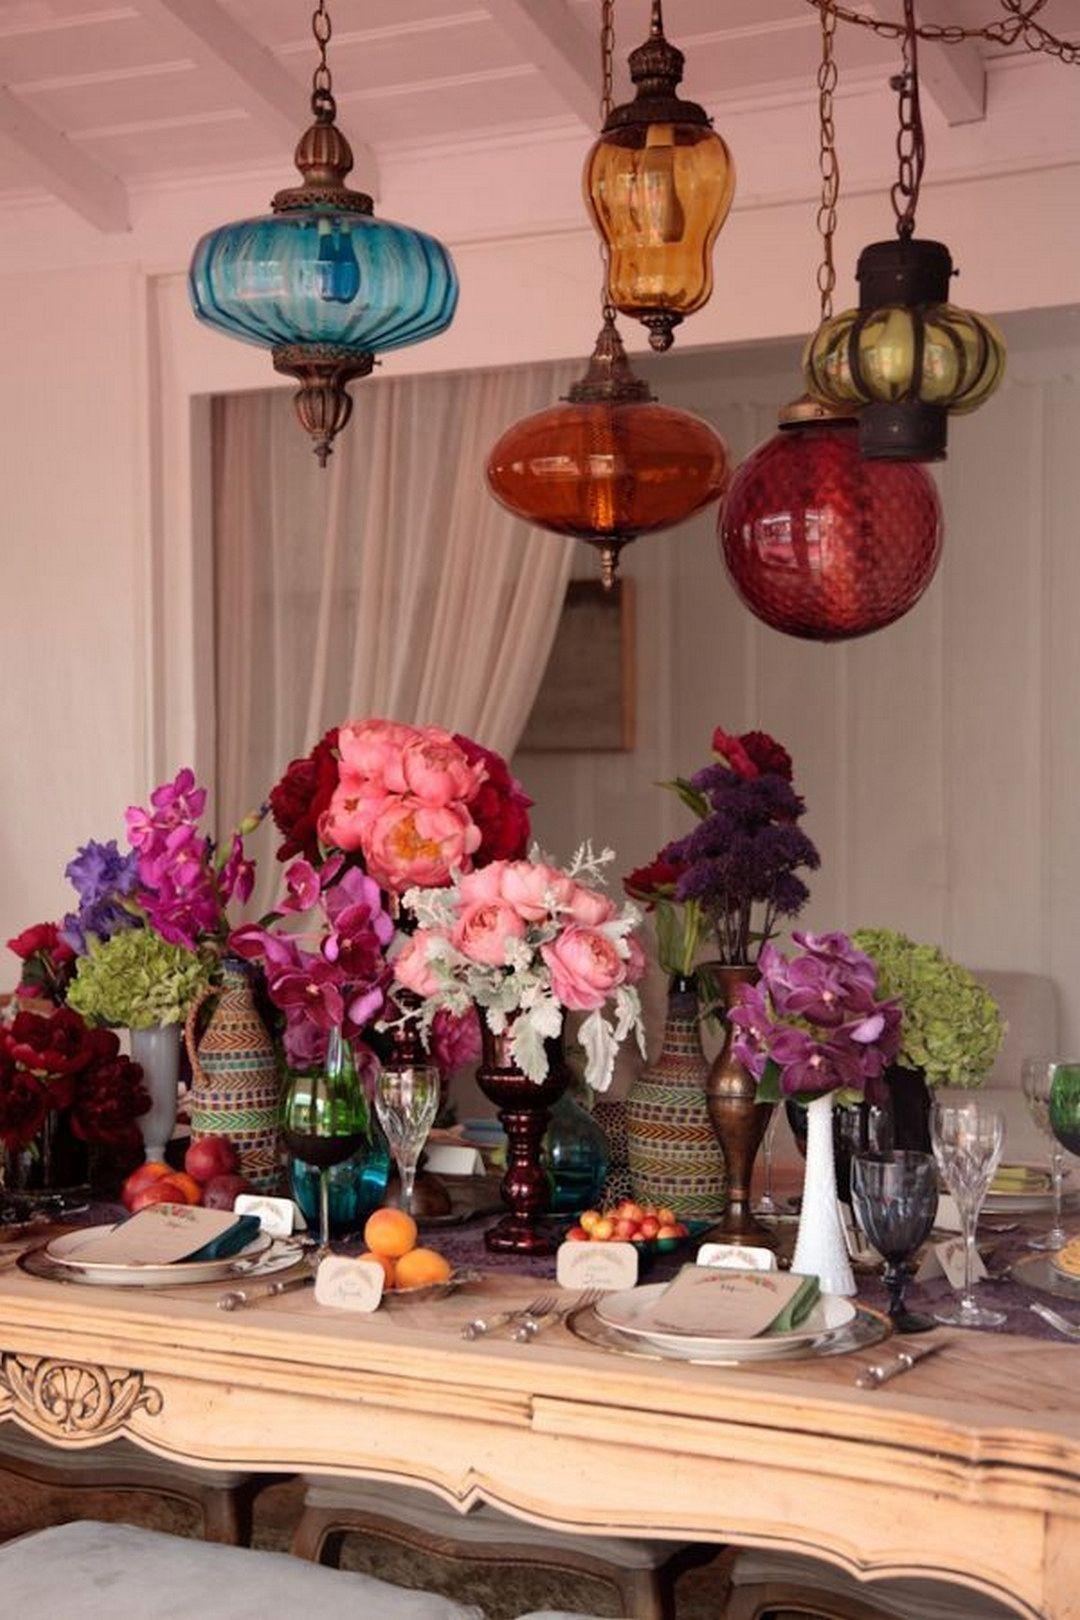 Ordinaire 7 Top Bohemian Style Decor Tips With Adorable Interior Ideas